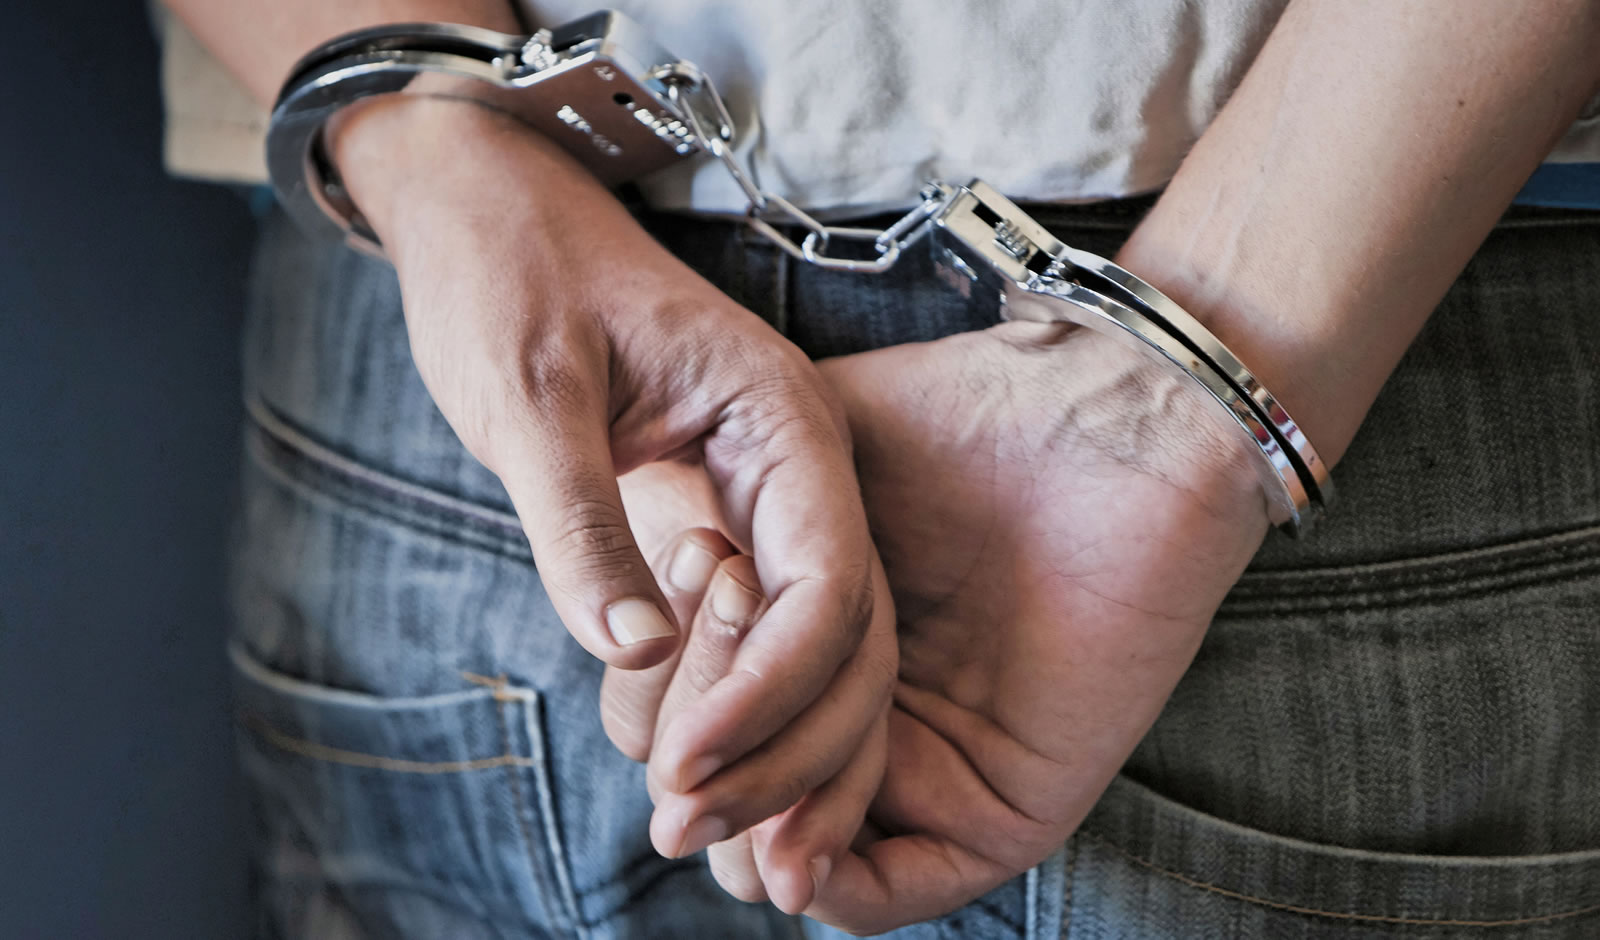 5 romenos distribuidores de ransomware são presos após operação policial